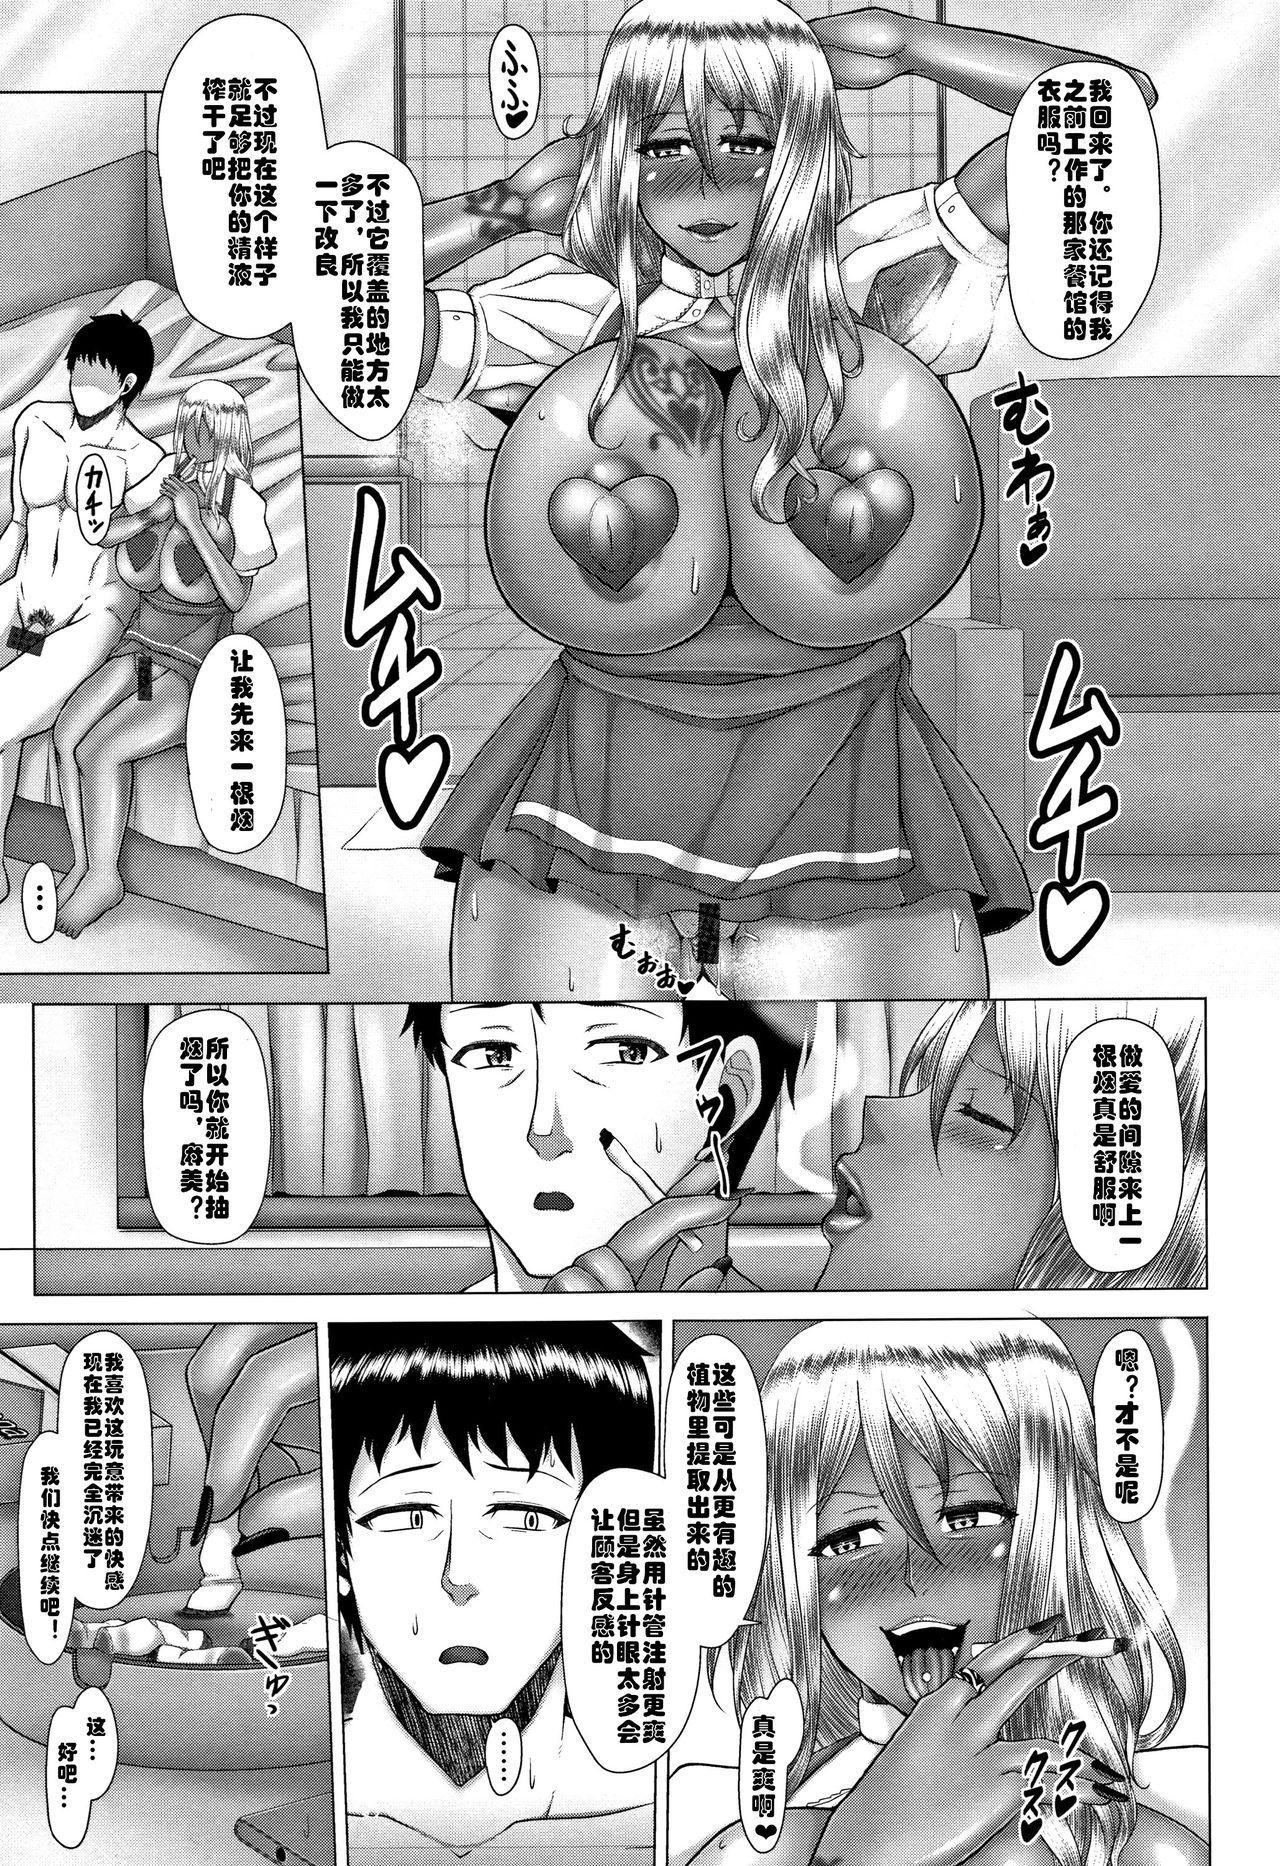 Teishuku Tsuma no Gal Ochi Fuuzoku Nikki 6